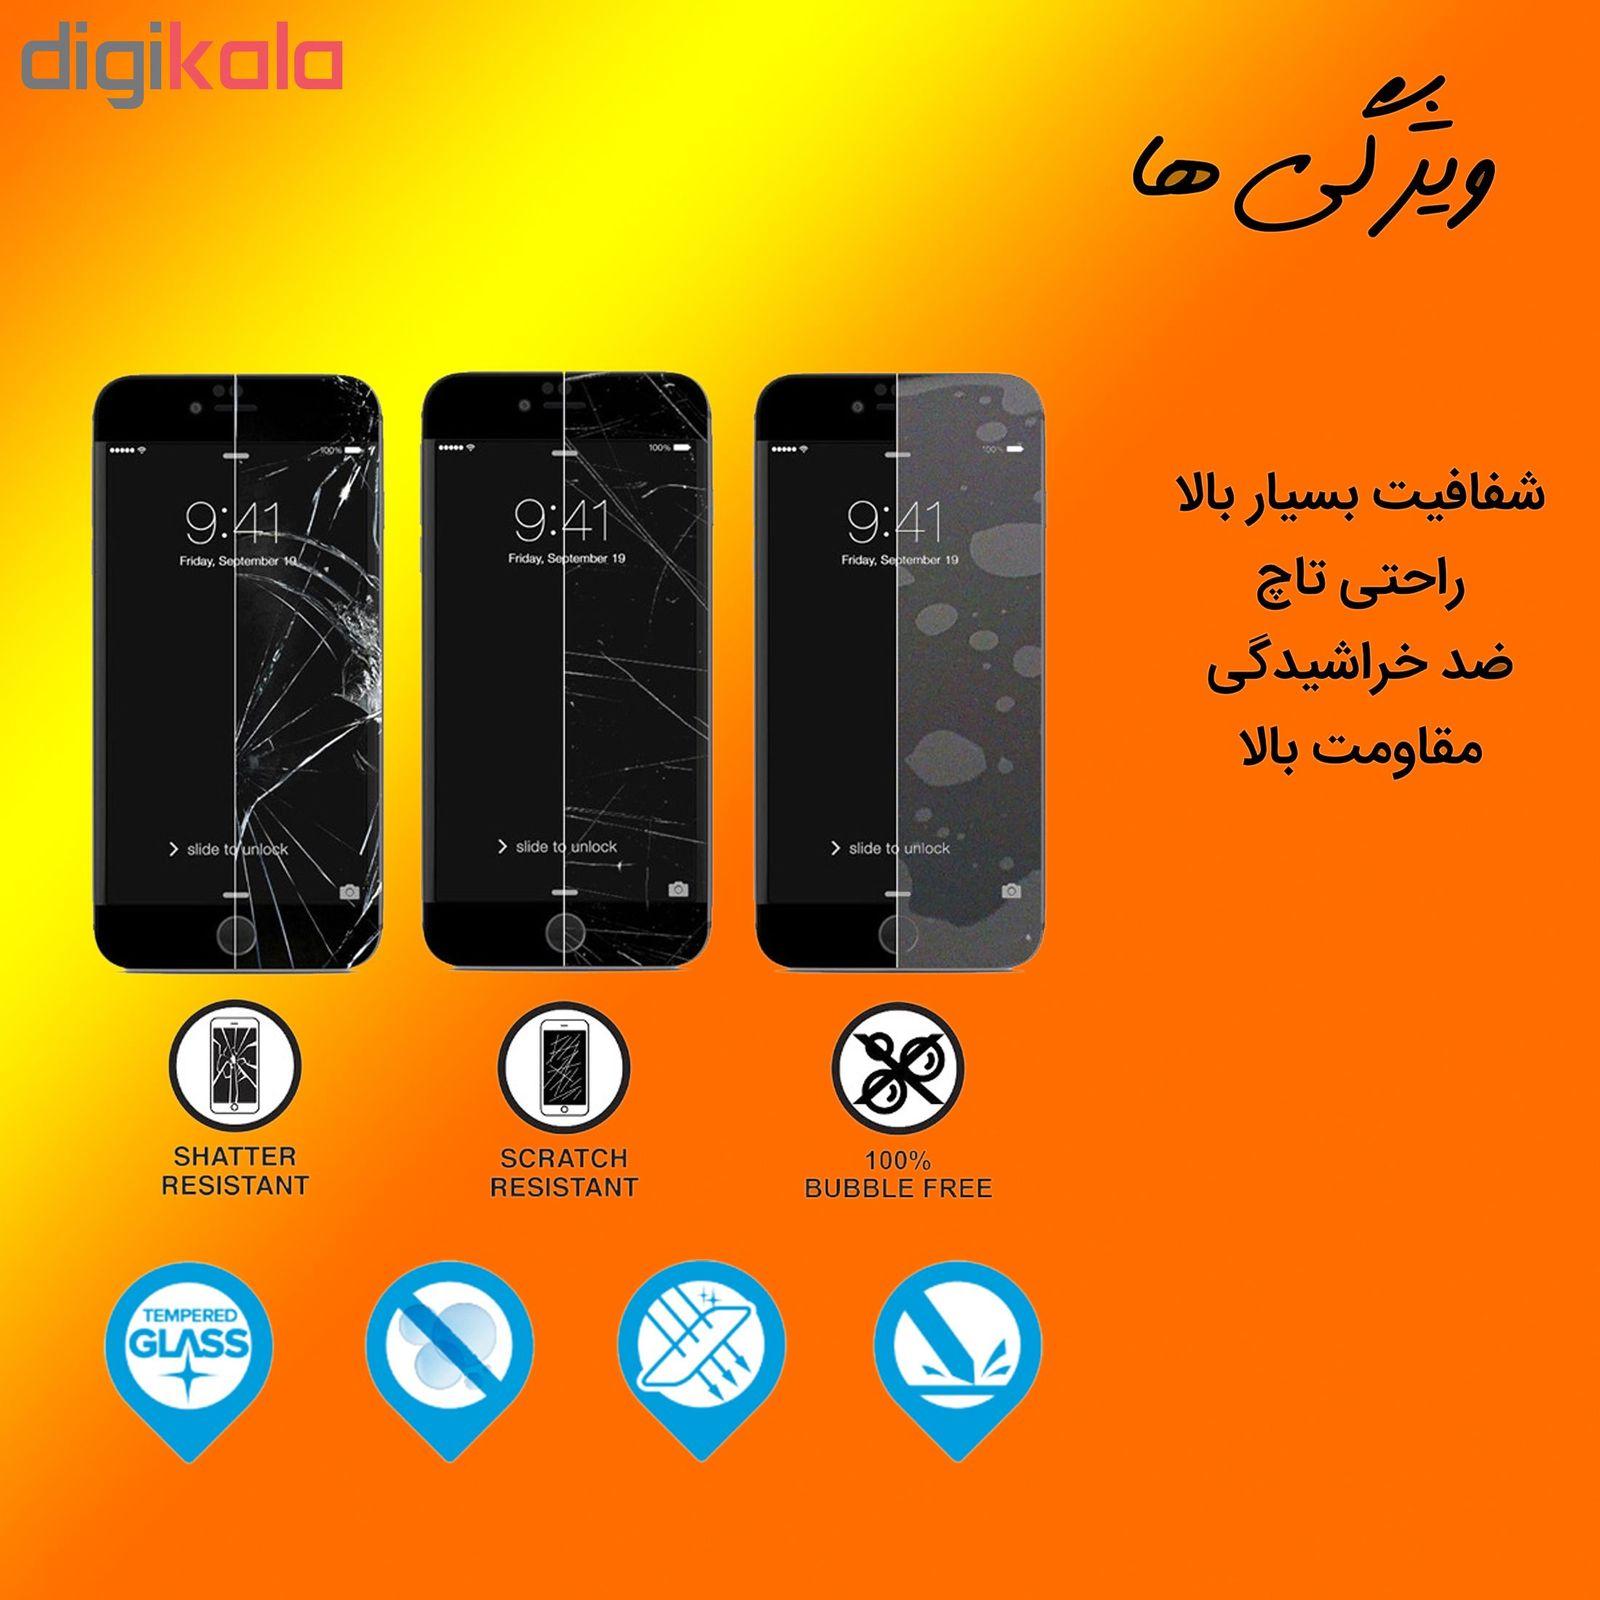 محافظ صفحه نمایش Hard and thick مدل F-01 مناسب برای گوشی موبایل سامسونگ Galaxy A7 2018 main 1 2